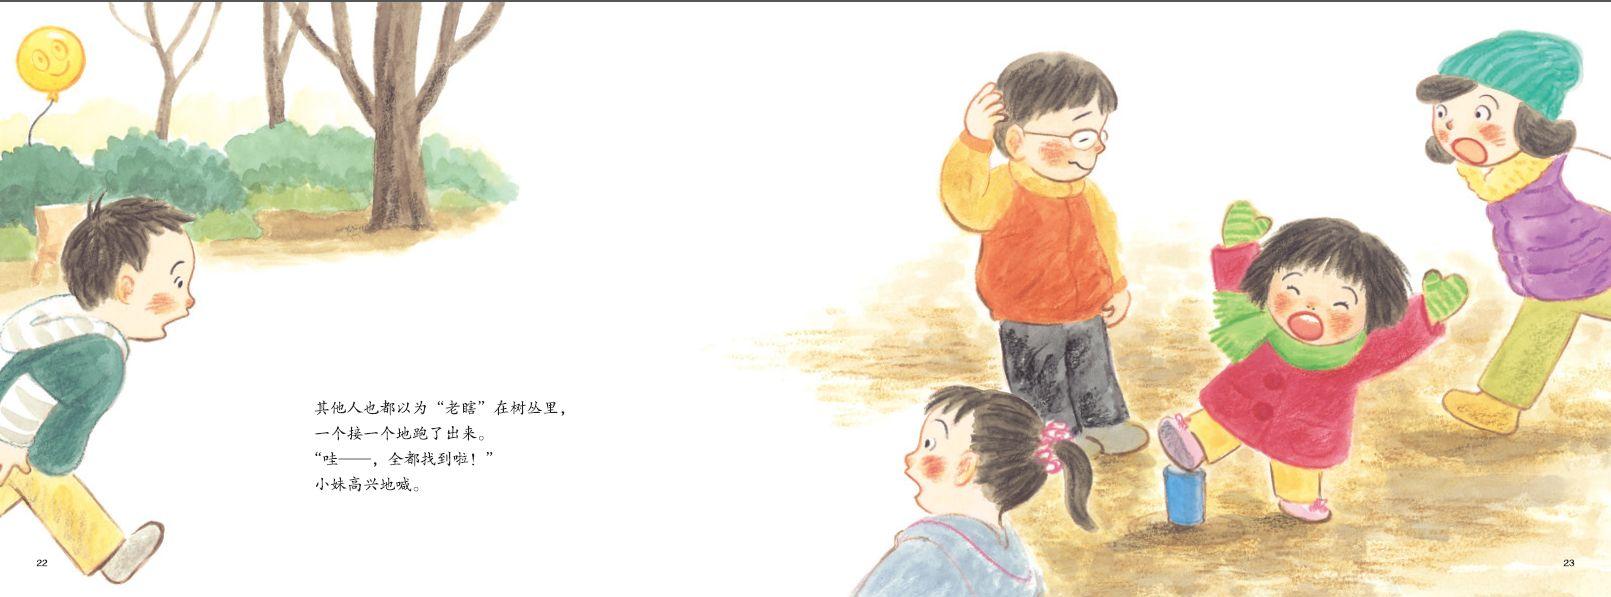 """我也要玩捉迷藏(""""懂爱的小孩""""快乐成长绘本)"""